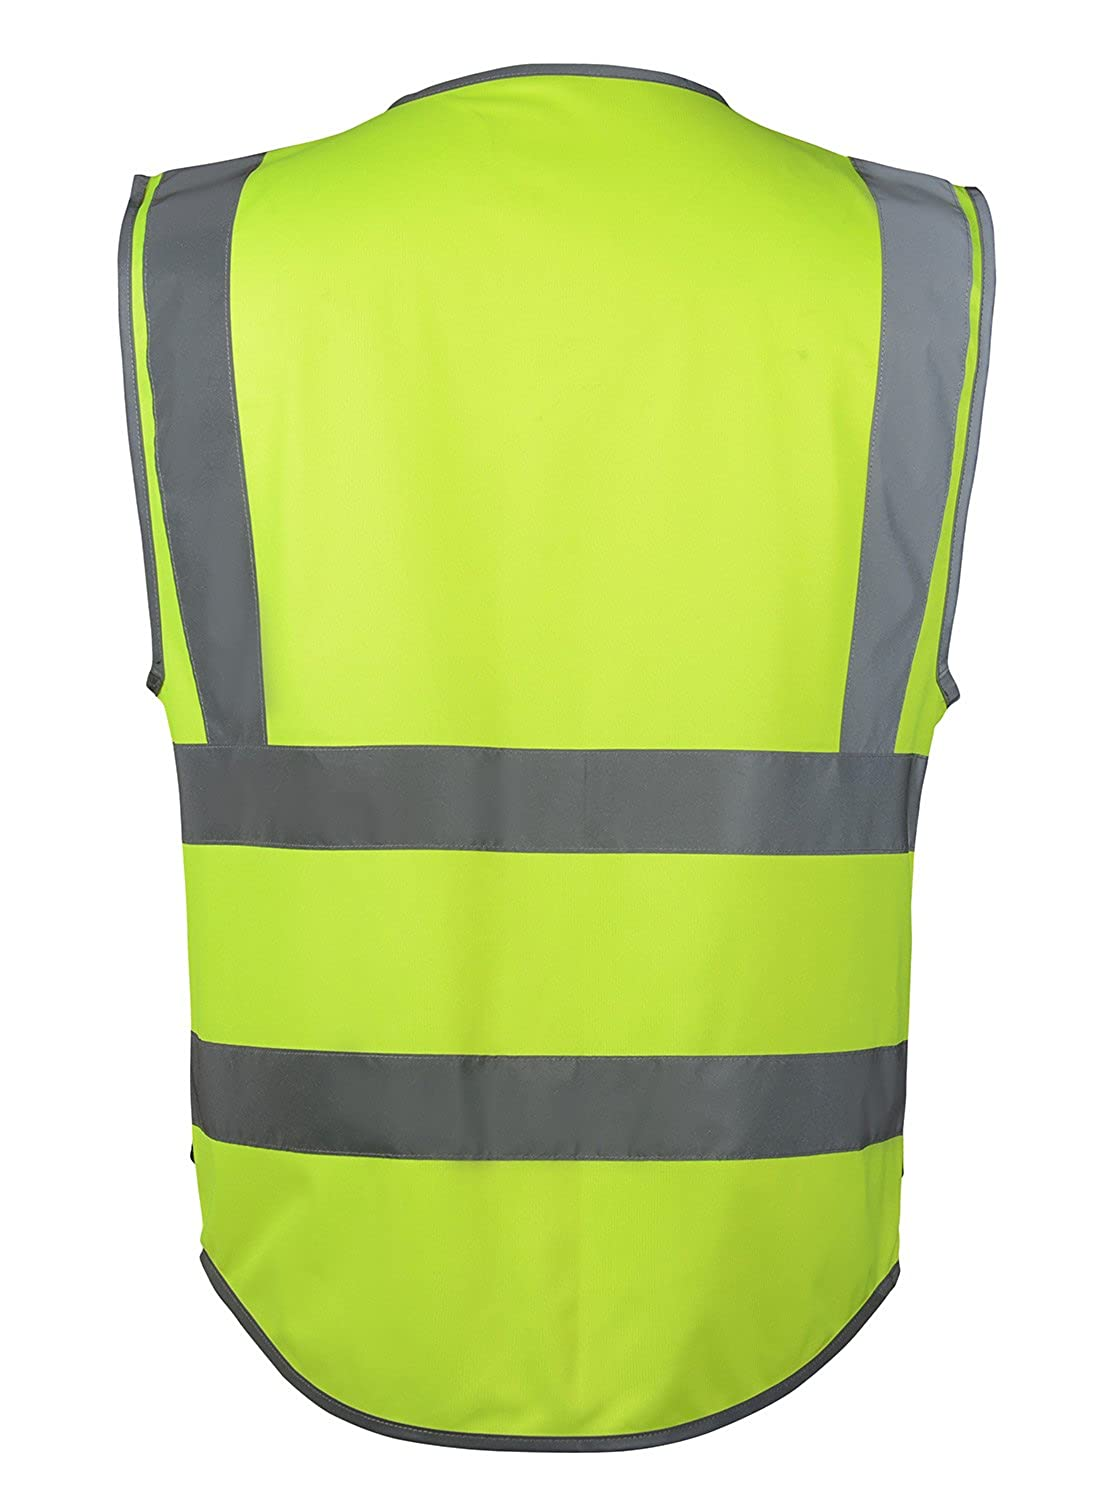 SFVest Veste Bandes R/éfl/échissantes Gilet de S/écurit/é Col V Haute Visibilit/é L/éger Multifonction Avertissement Travail Chemin Signalisation Nuit S/écurit/é 4 Poches Jaune//Orange//Noir Taille M//L//XL